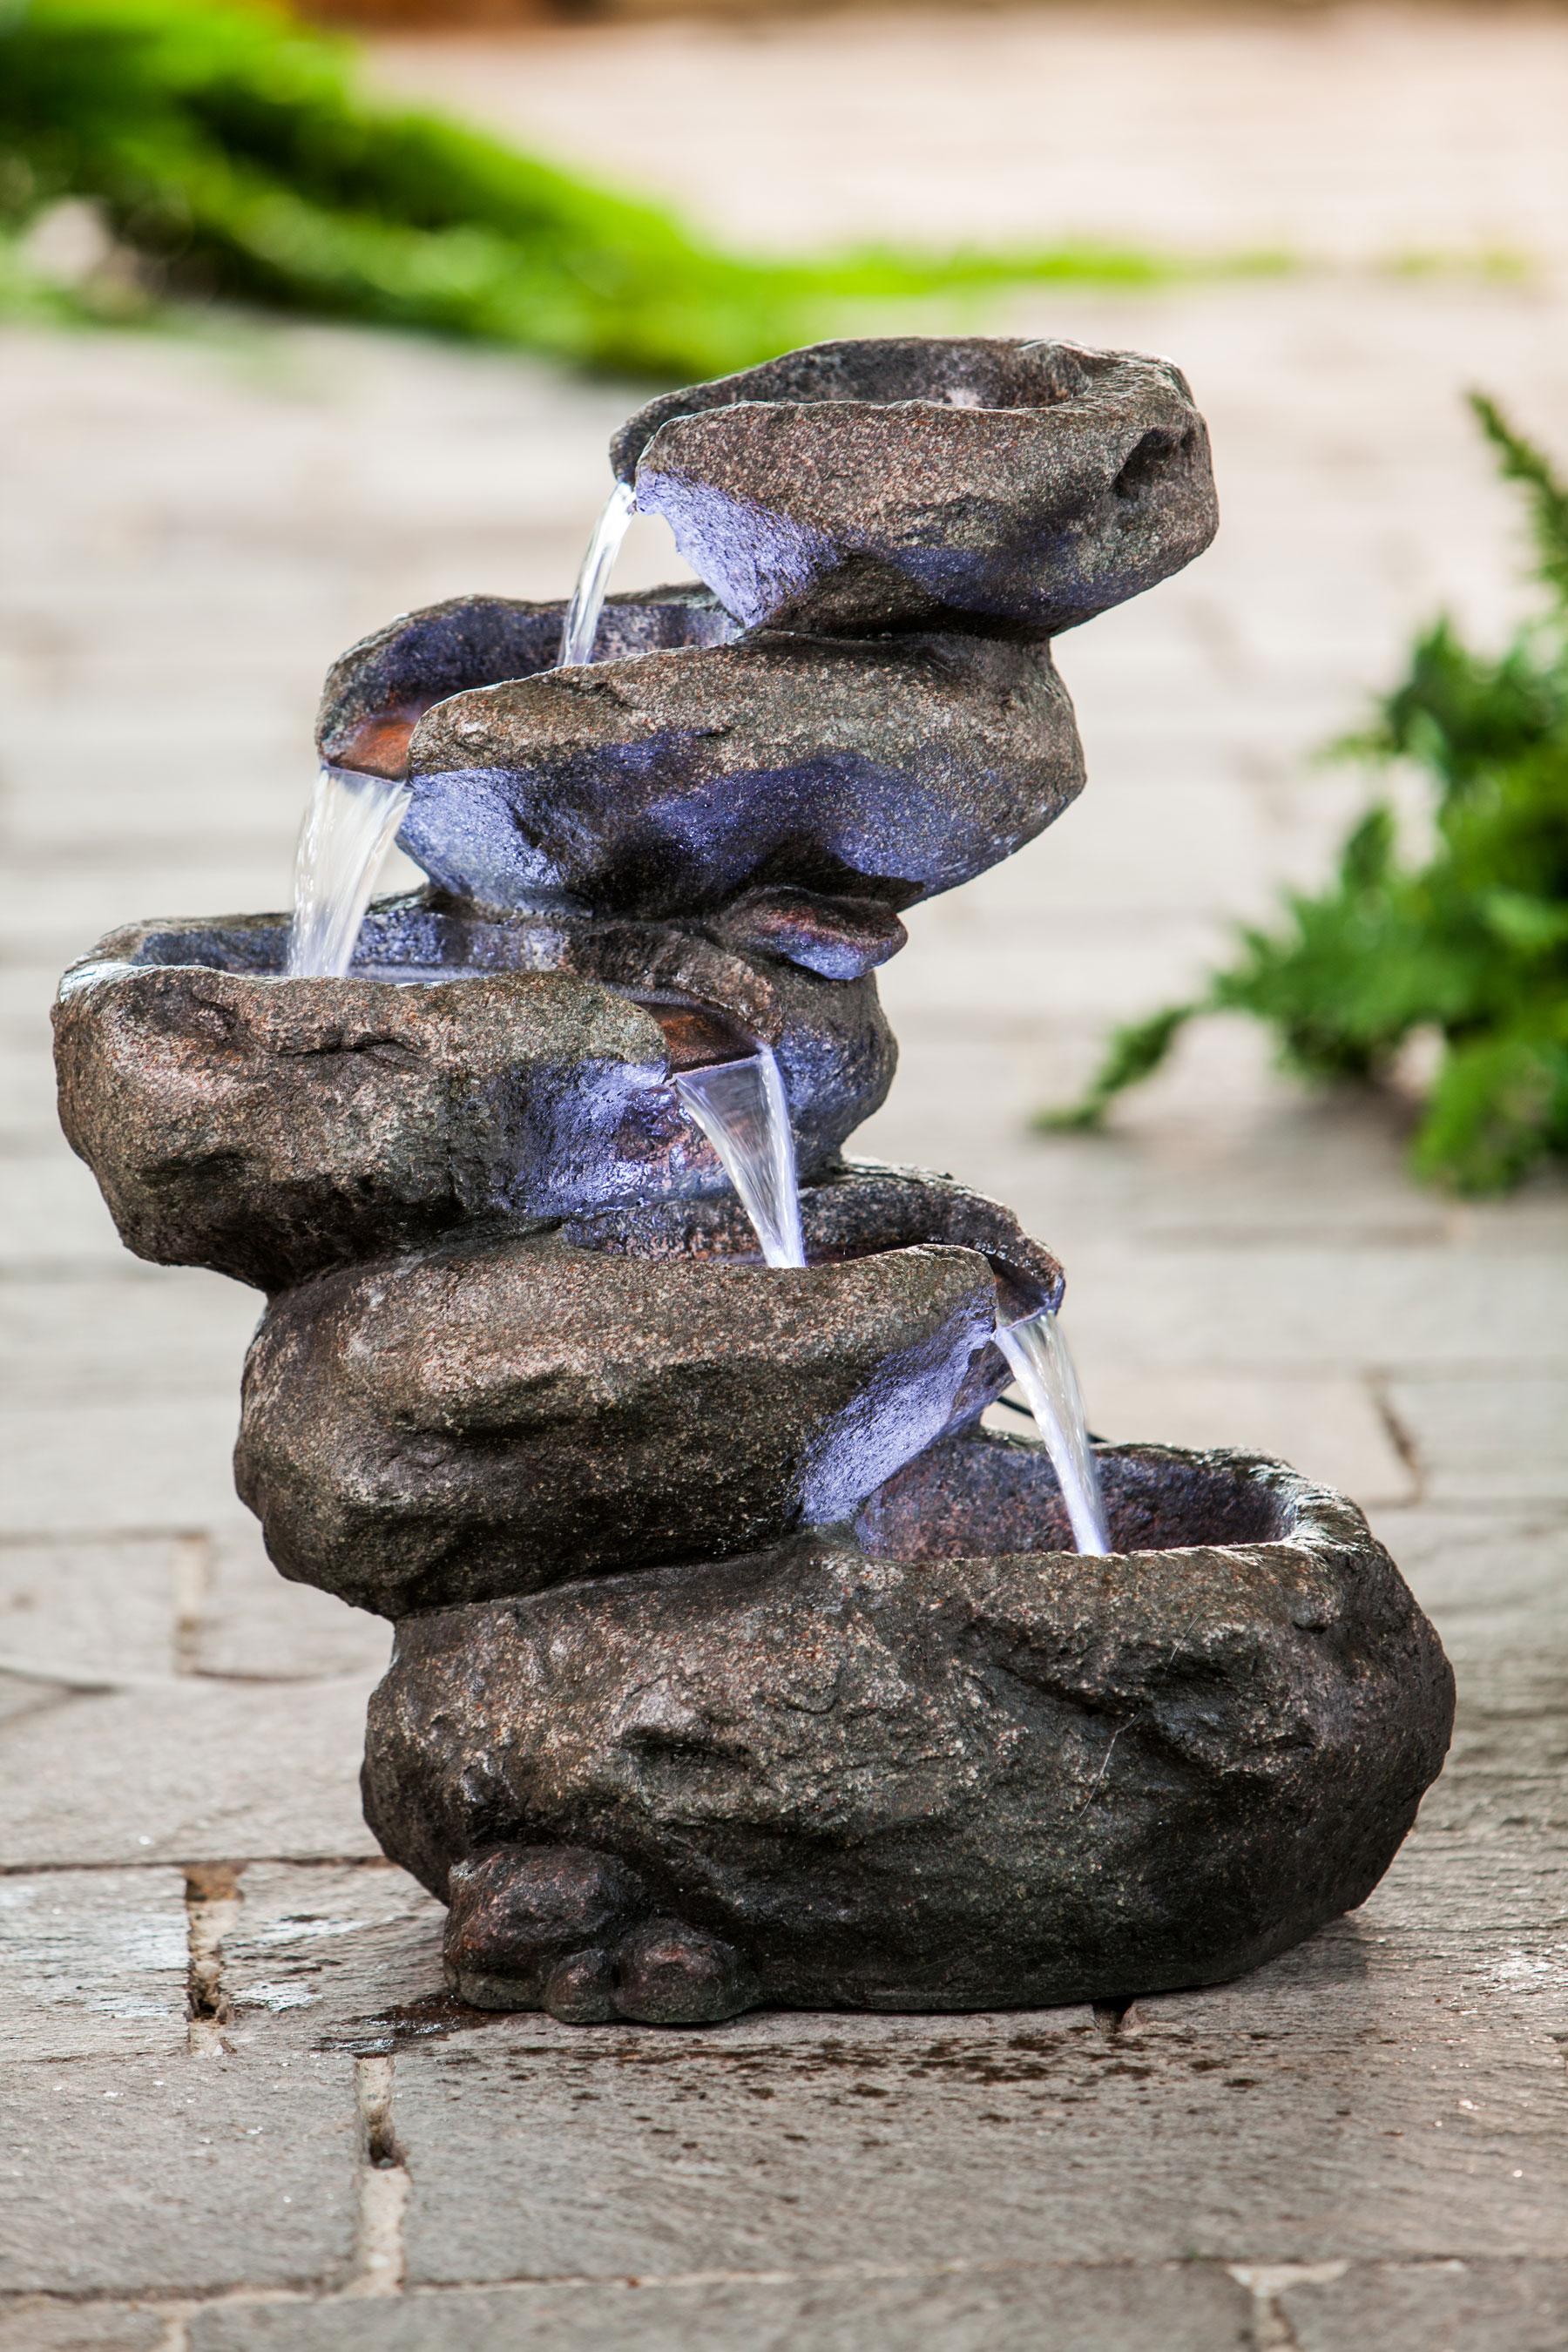 heissner gartenbrunnen terrassenbrunnen rock fountain 4x. Black Bedroom Furniture Sets. Home Design Ideas